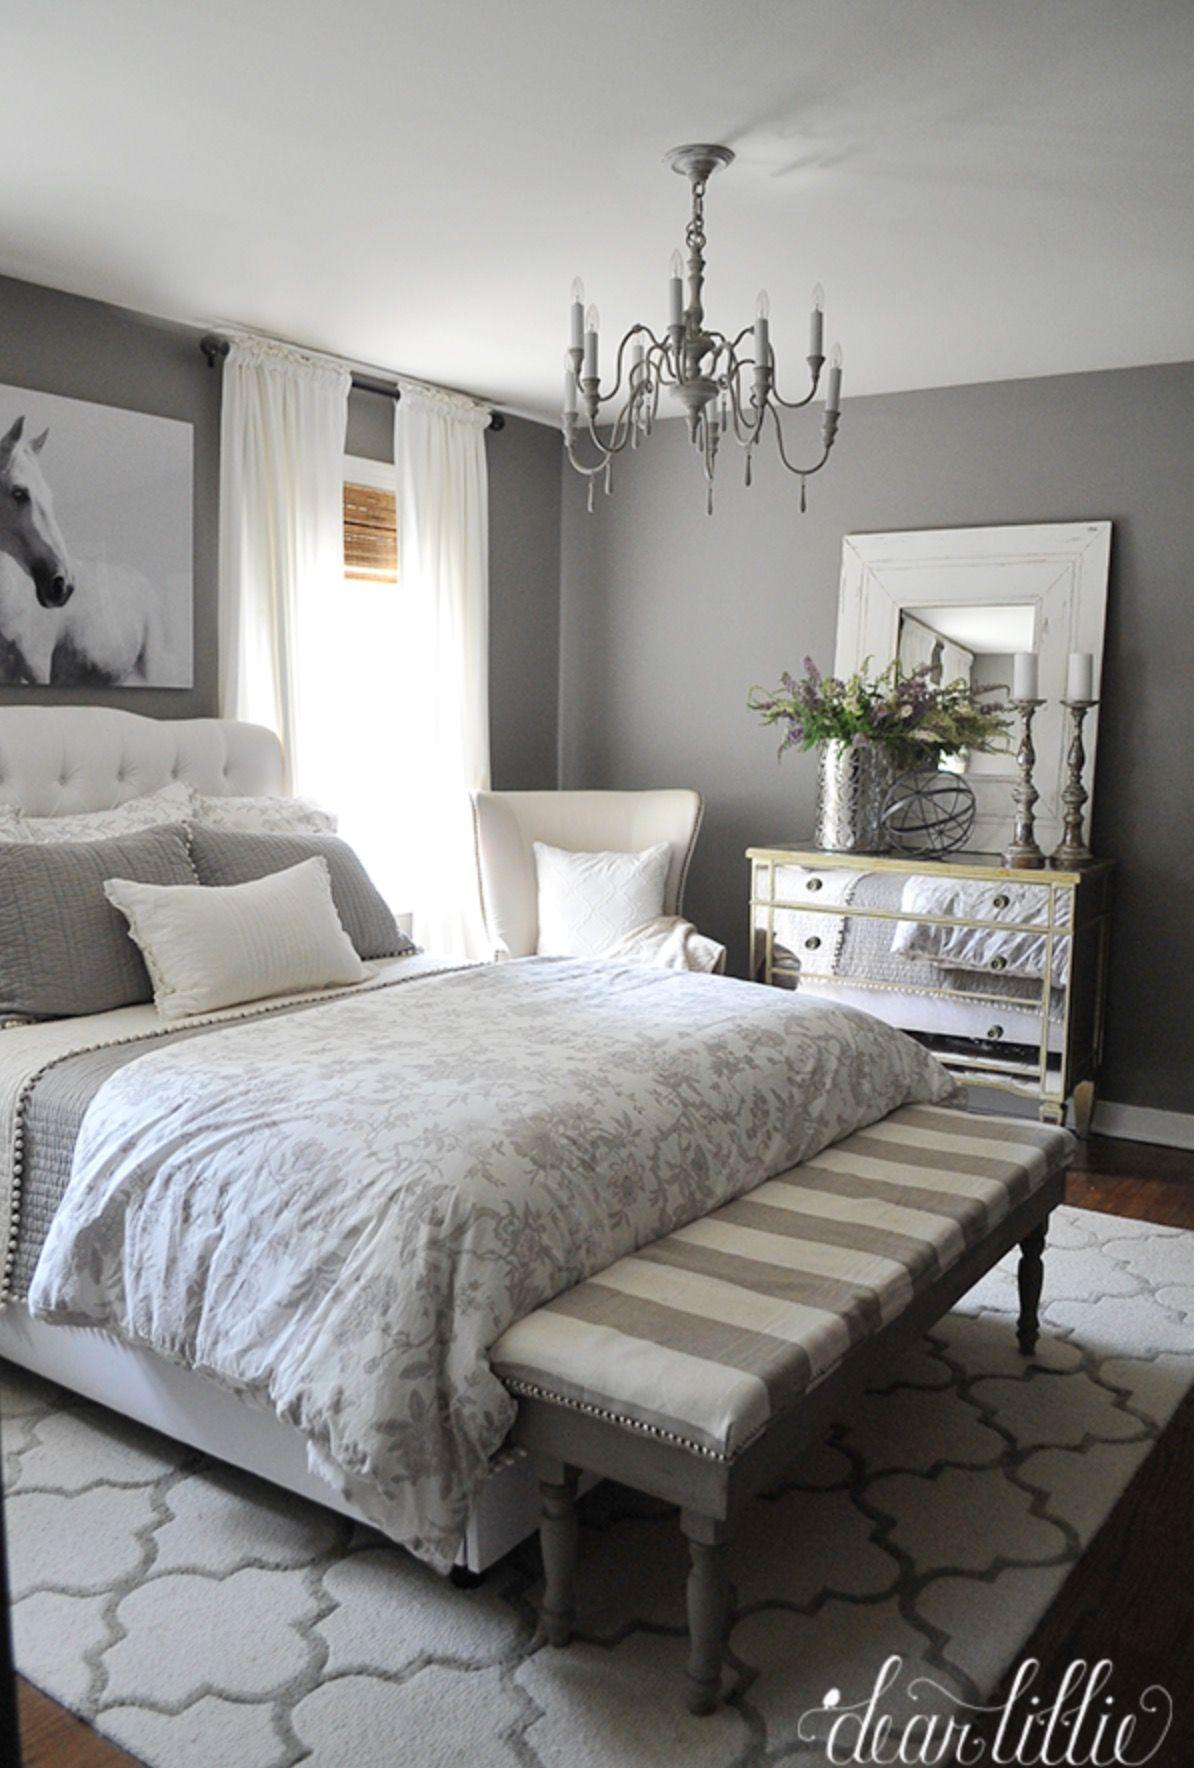 Wandfarbe Farbtöne, Schlafzimmer Ideen, Wohnzimmer, Wohnungseinrichtung,  Stauraum, Renovierung, Ihr Stil, Raumgestaltung, Inneneinrichtung